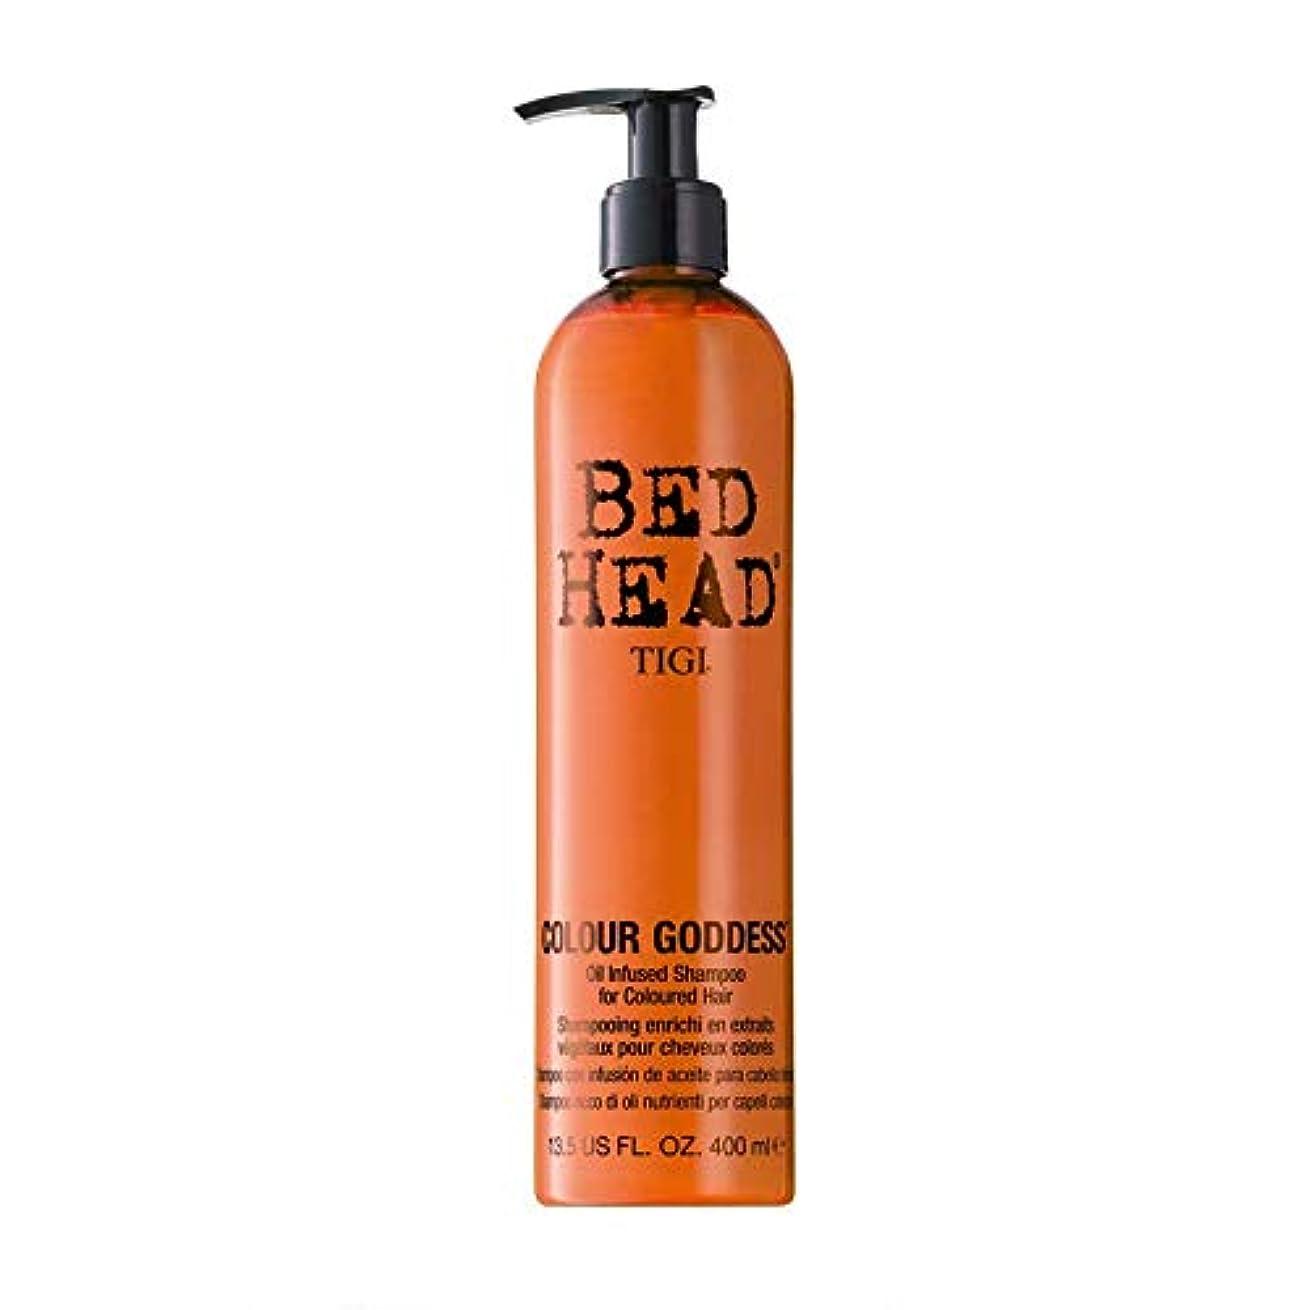 住所葉を集める責任Tigi Bed Head Colour Goddess Oil Infused Shampoo 400ml [並行輸入品]